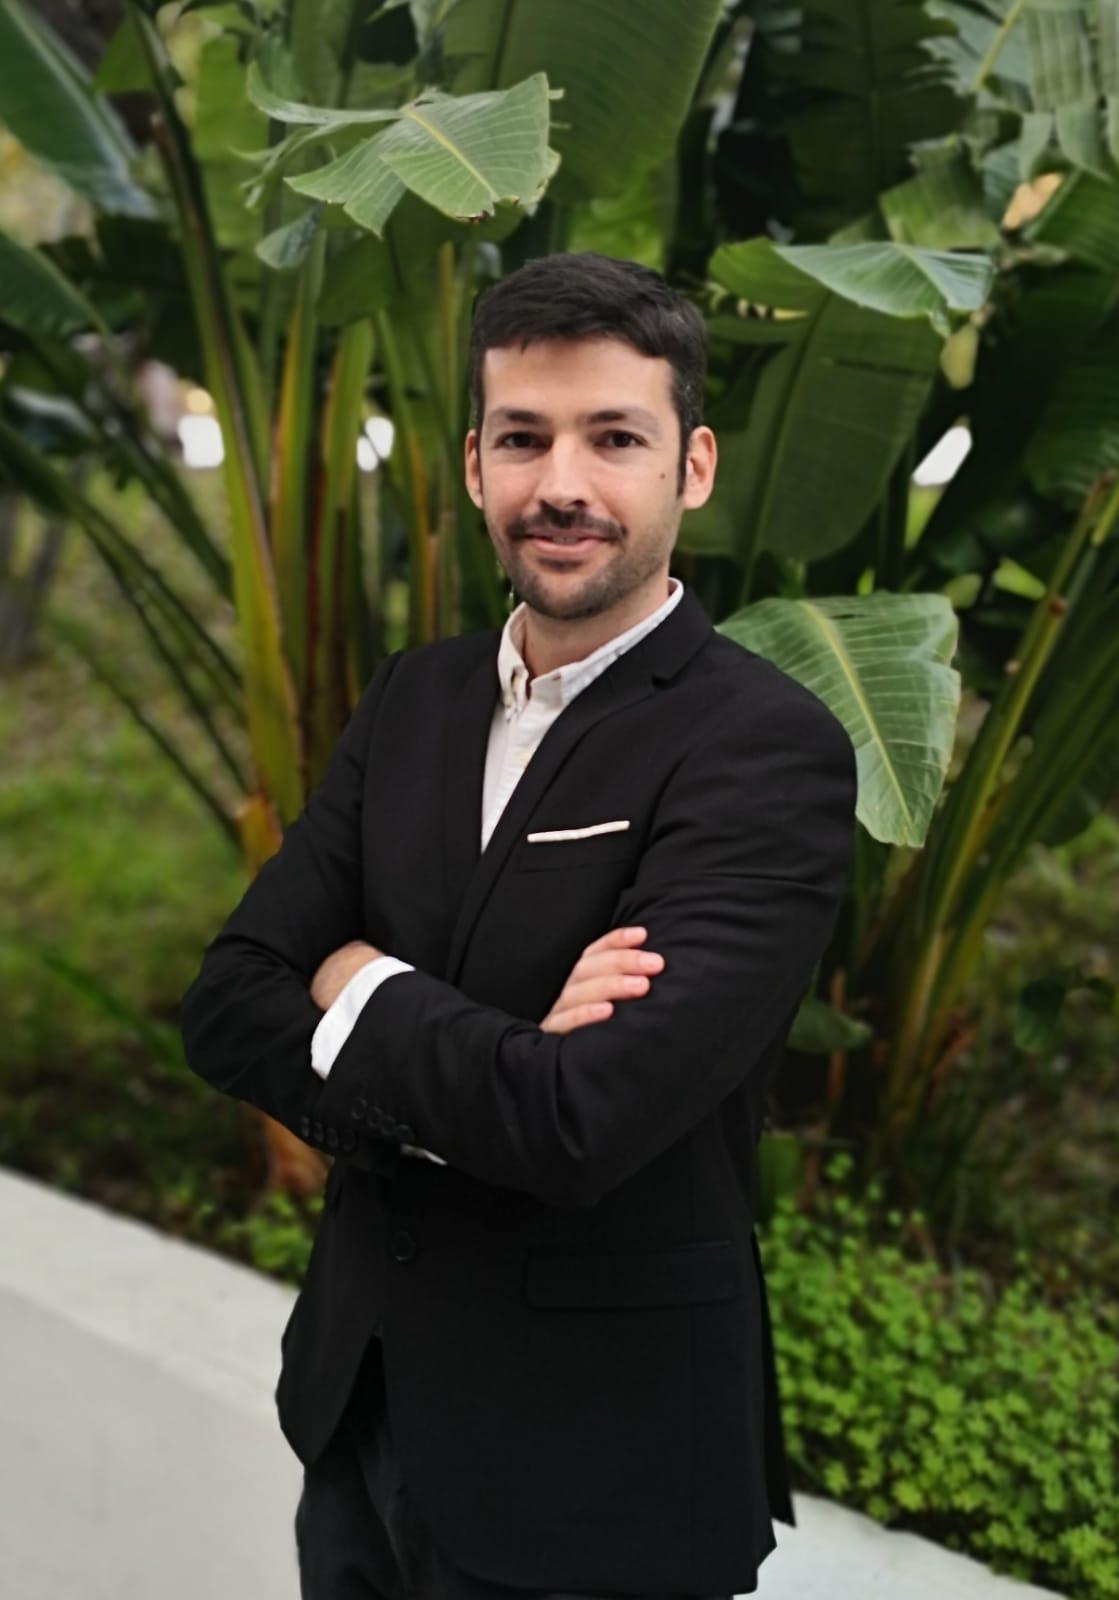 Luis de Francisco